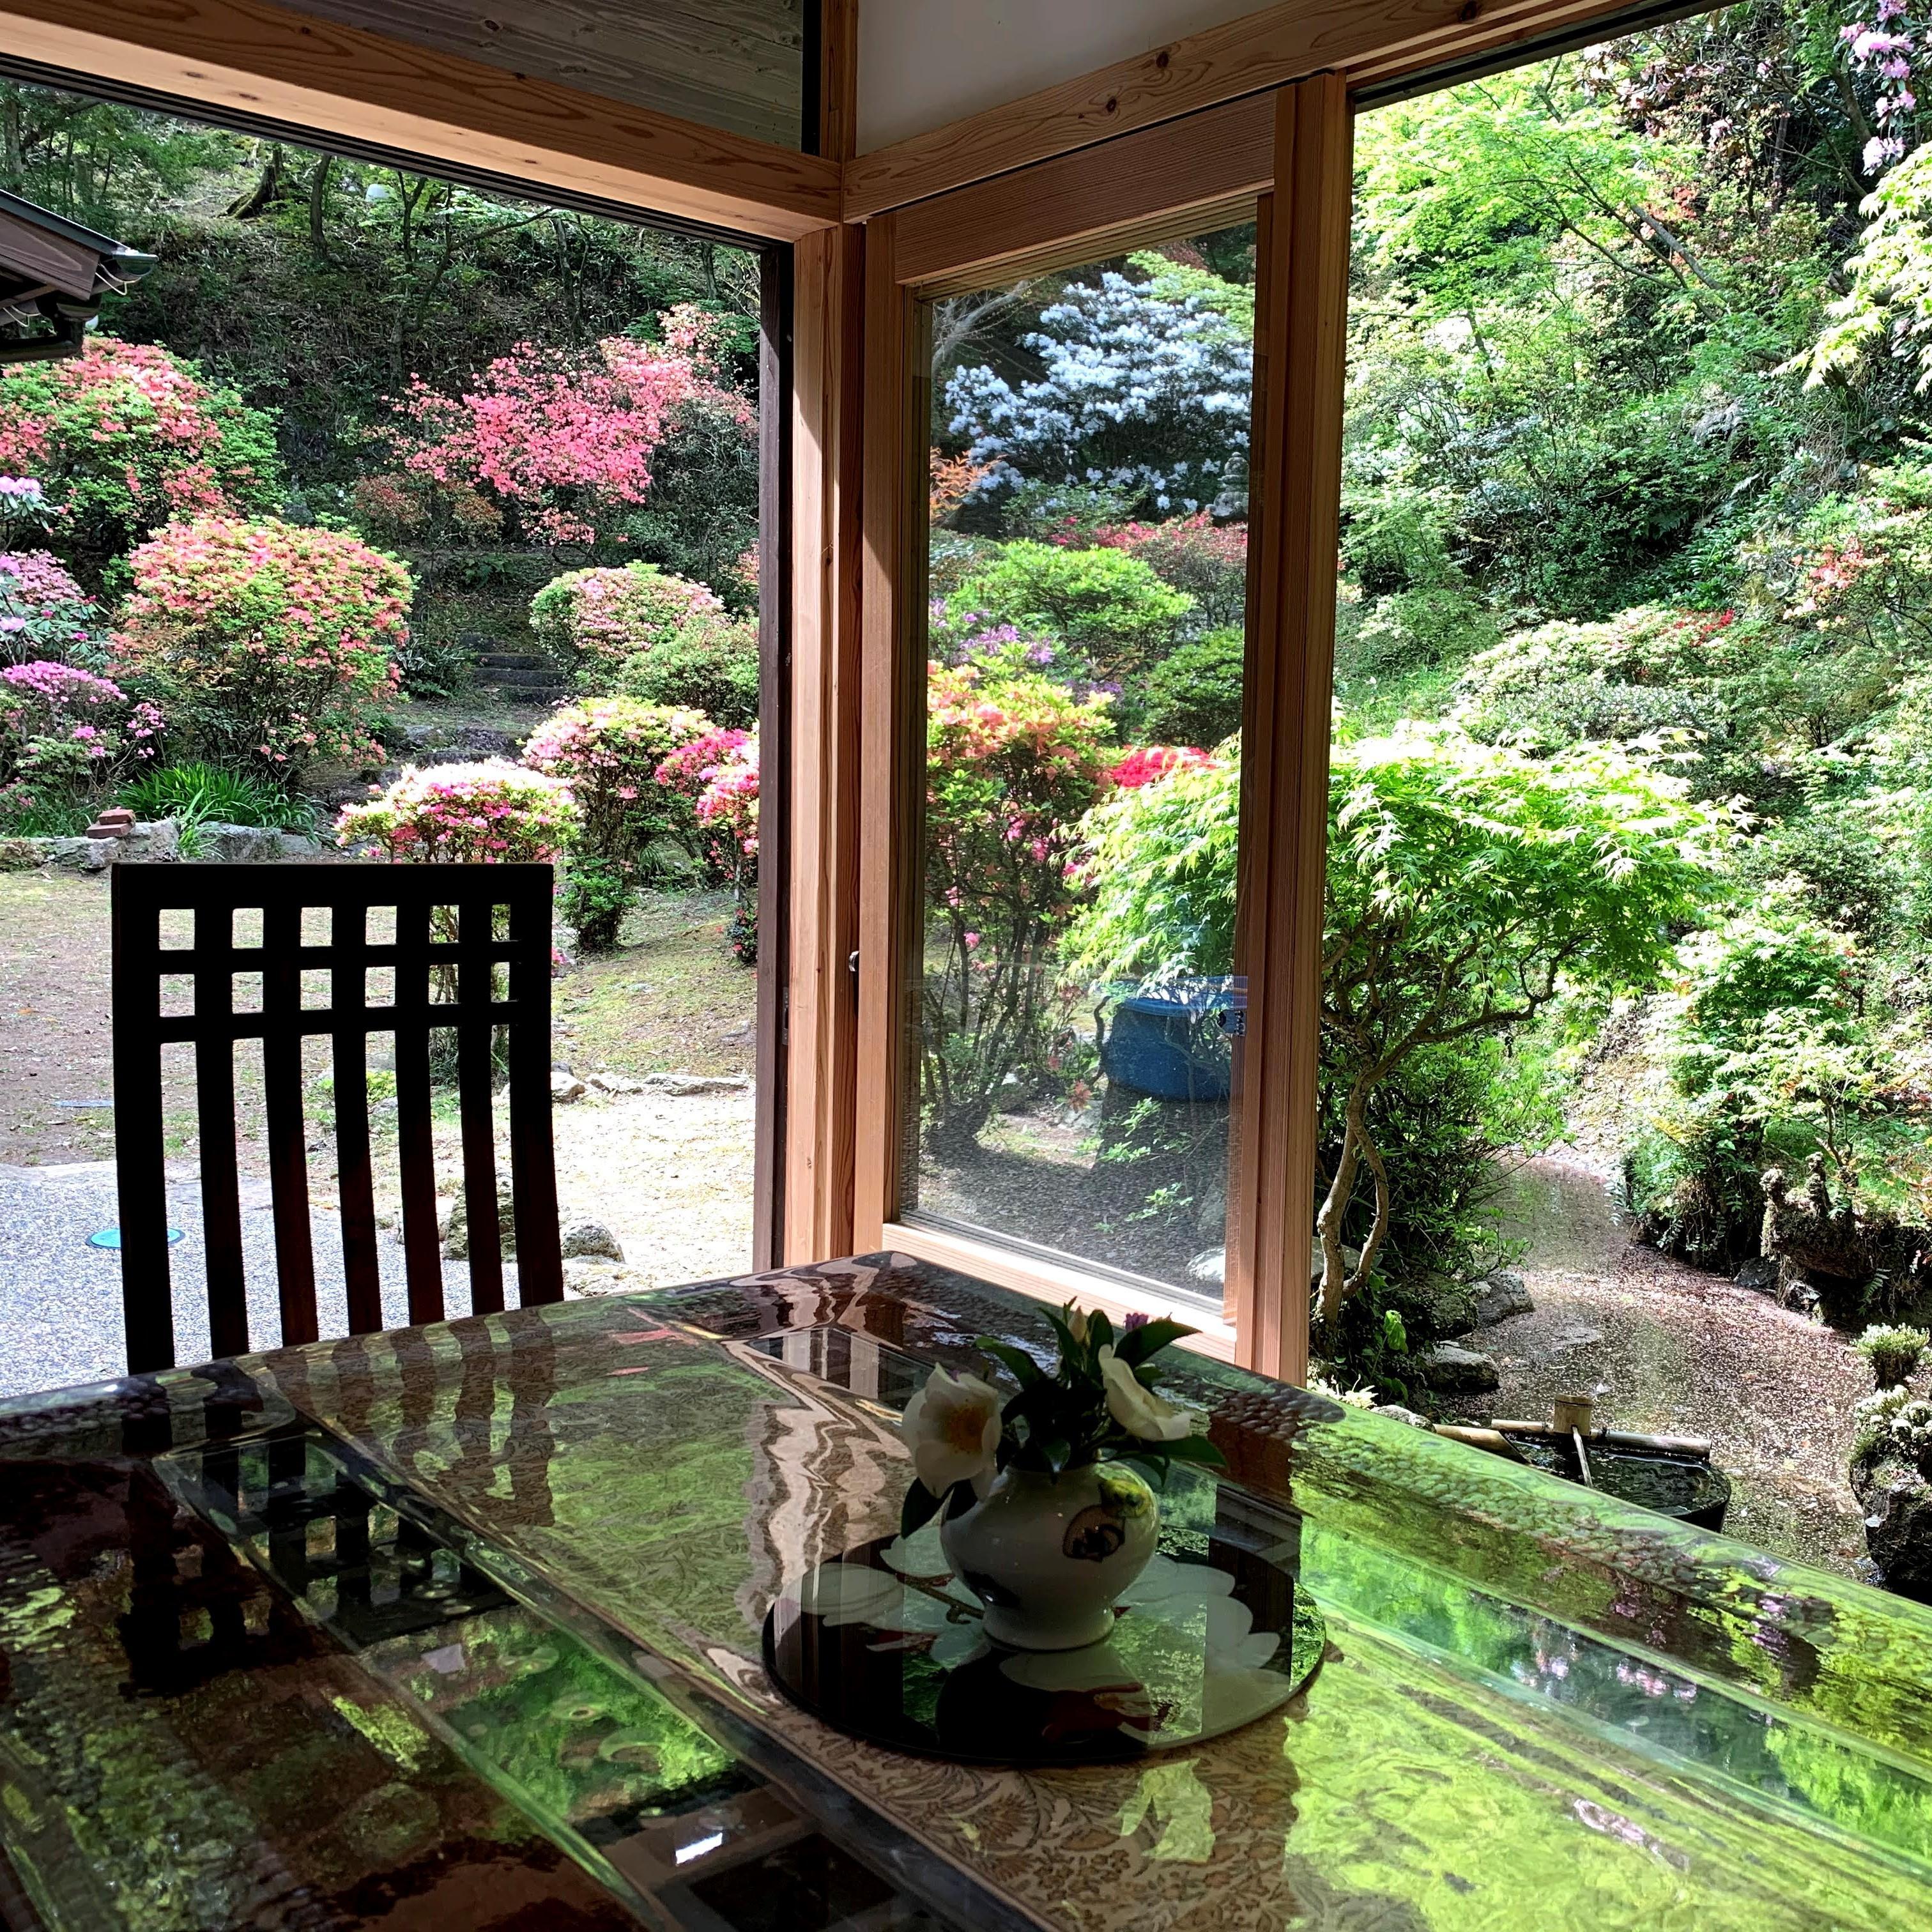 ダイニングキッチンからも池や庭園を楽しむことができます。